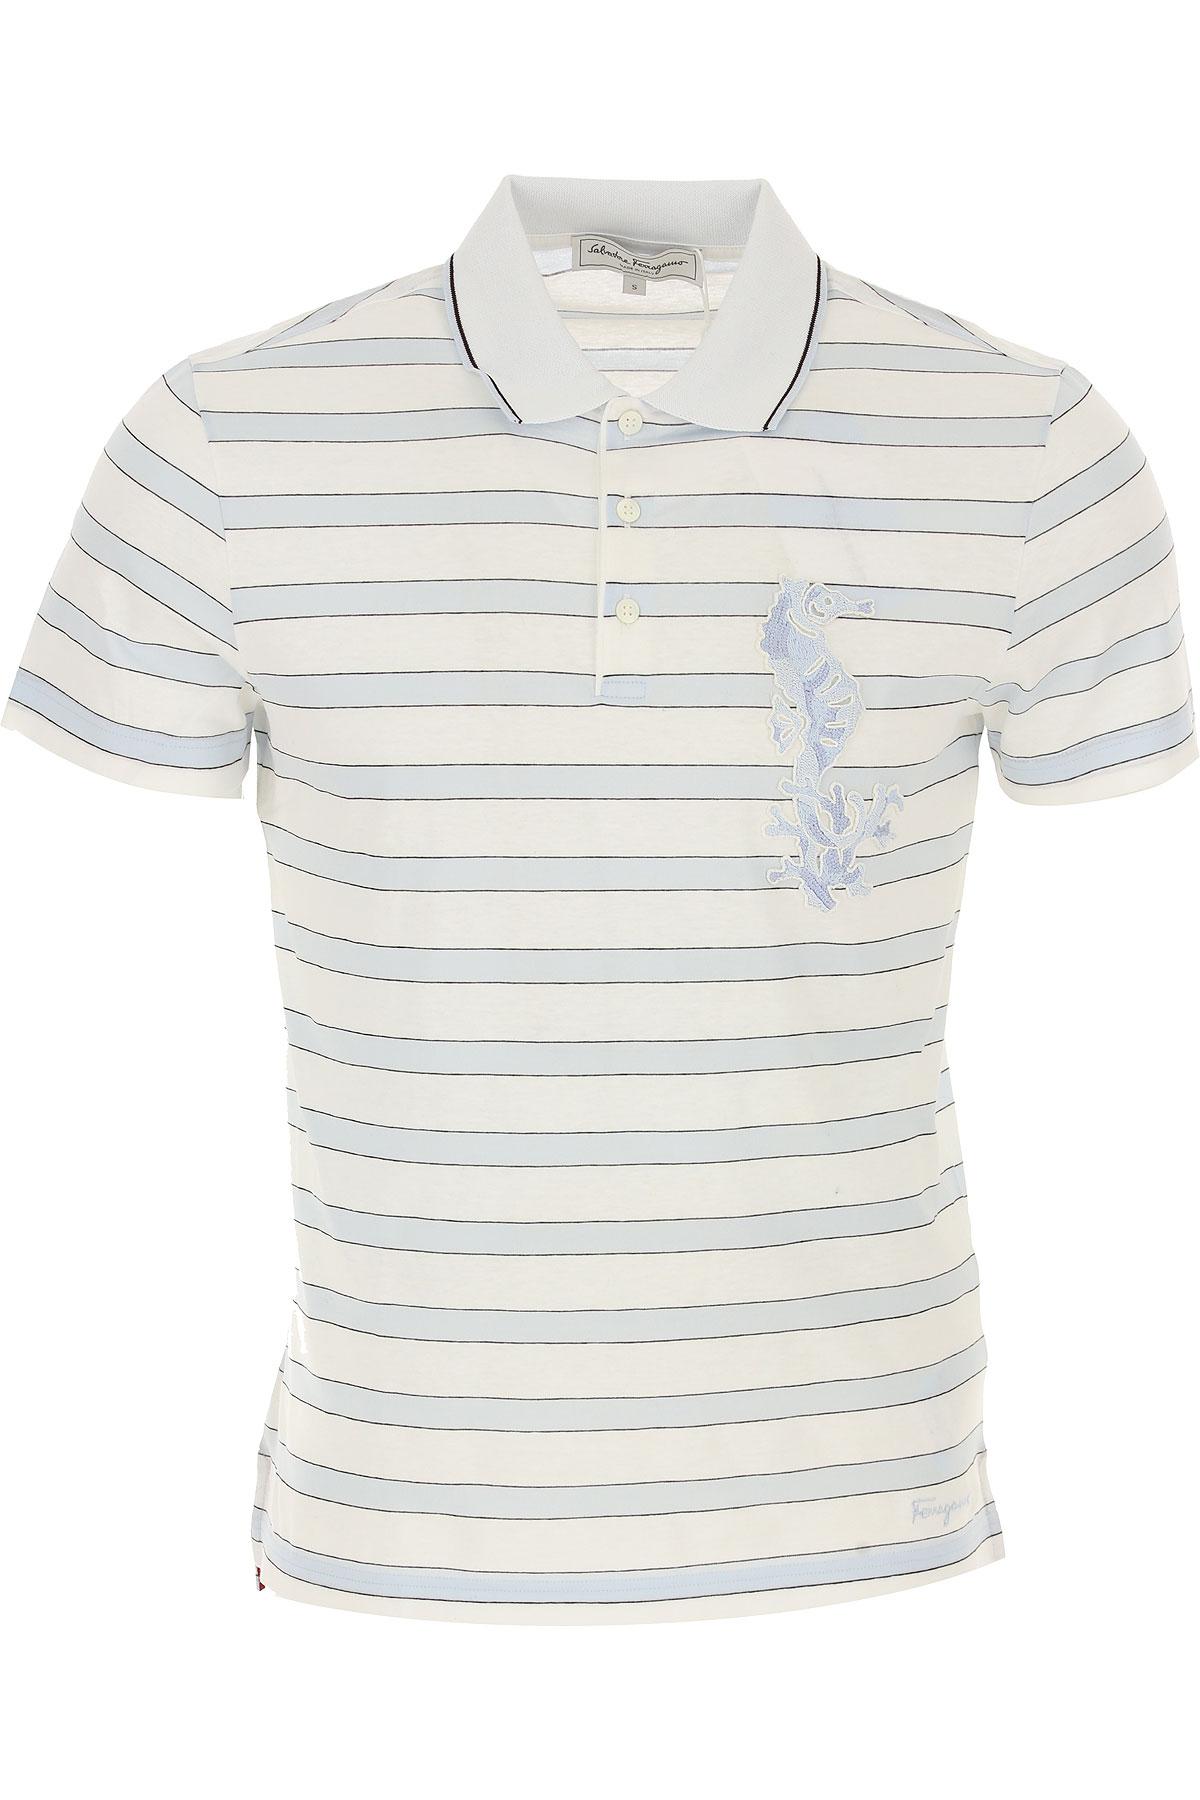 Salvatore Ferragamo Koszulka Polo Dla Mężczyzn Na Wyprzedaży, Biały, Bawełna, 2019, L S